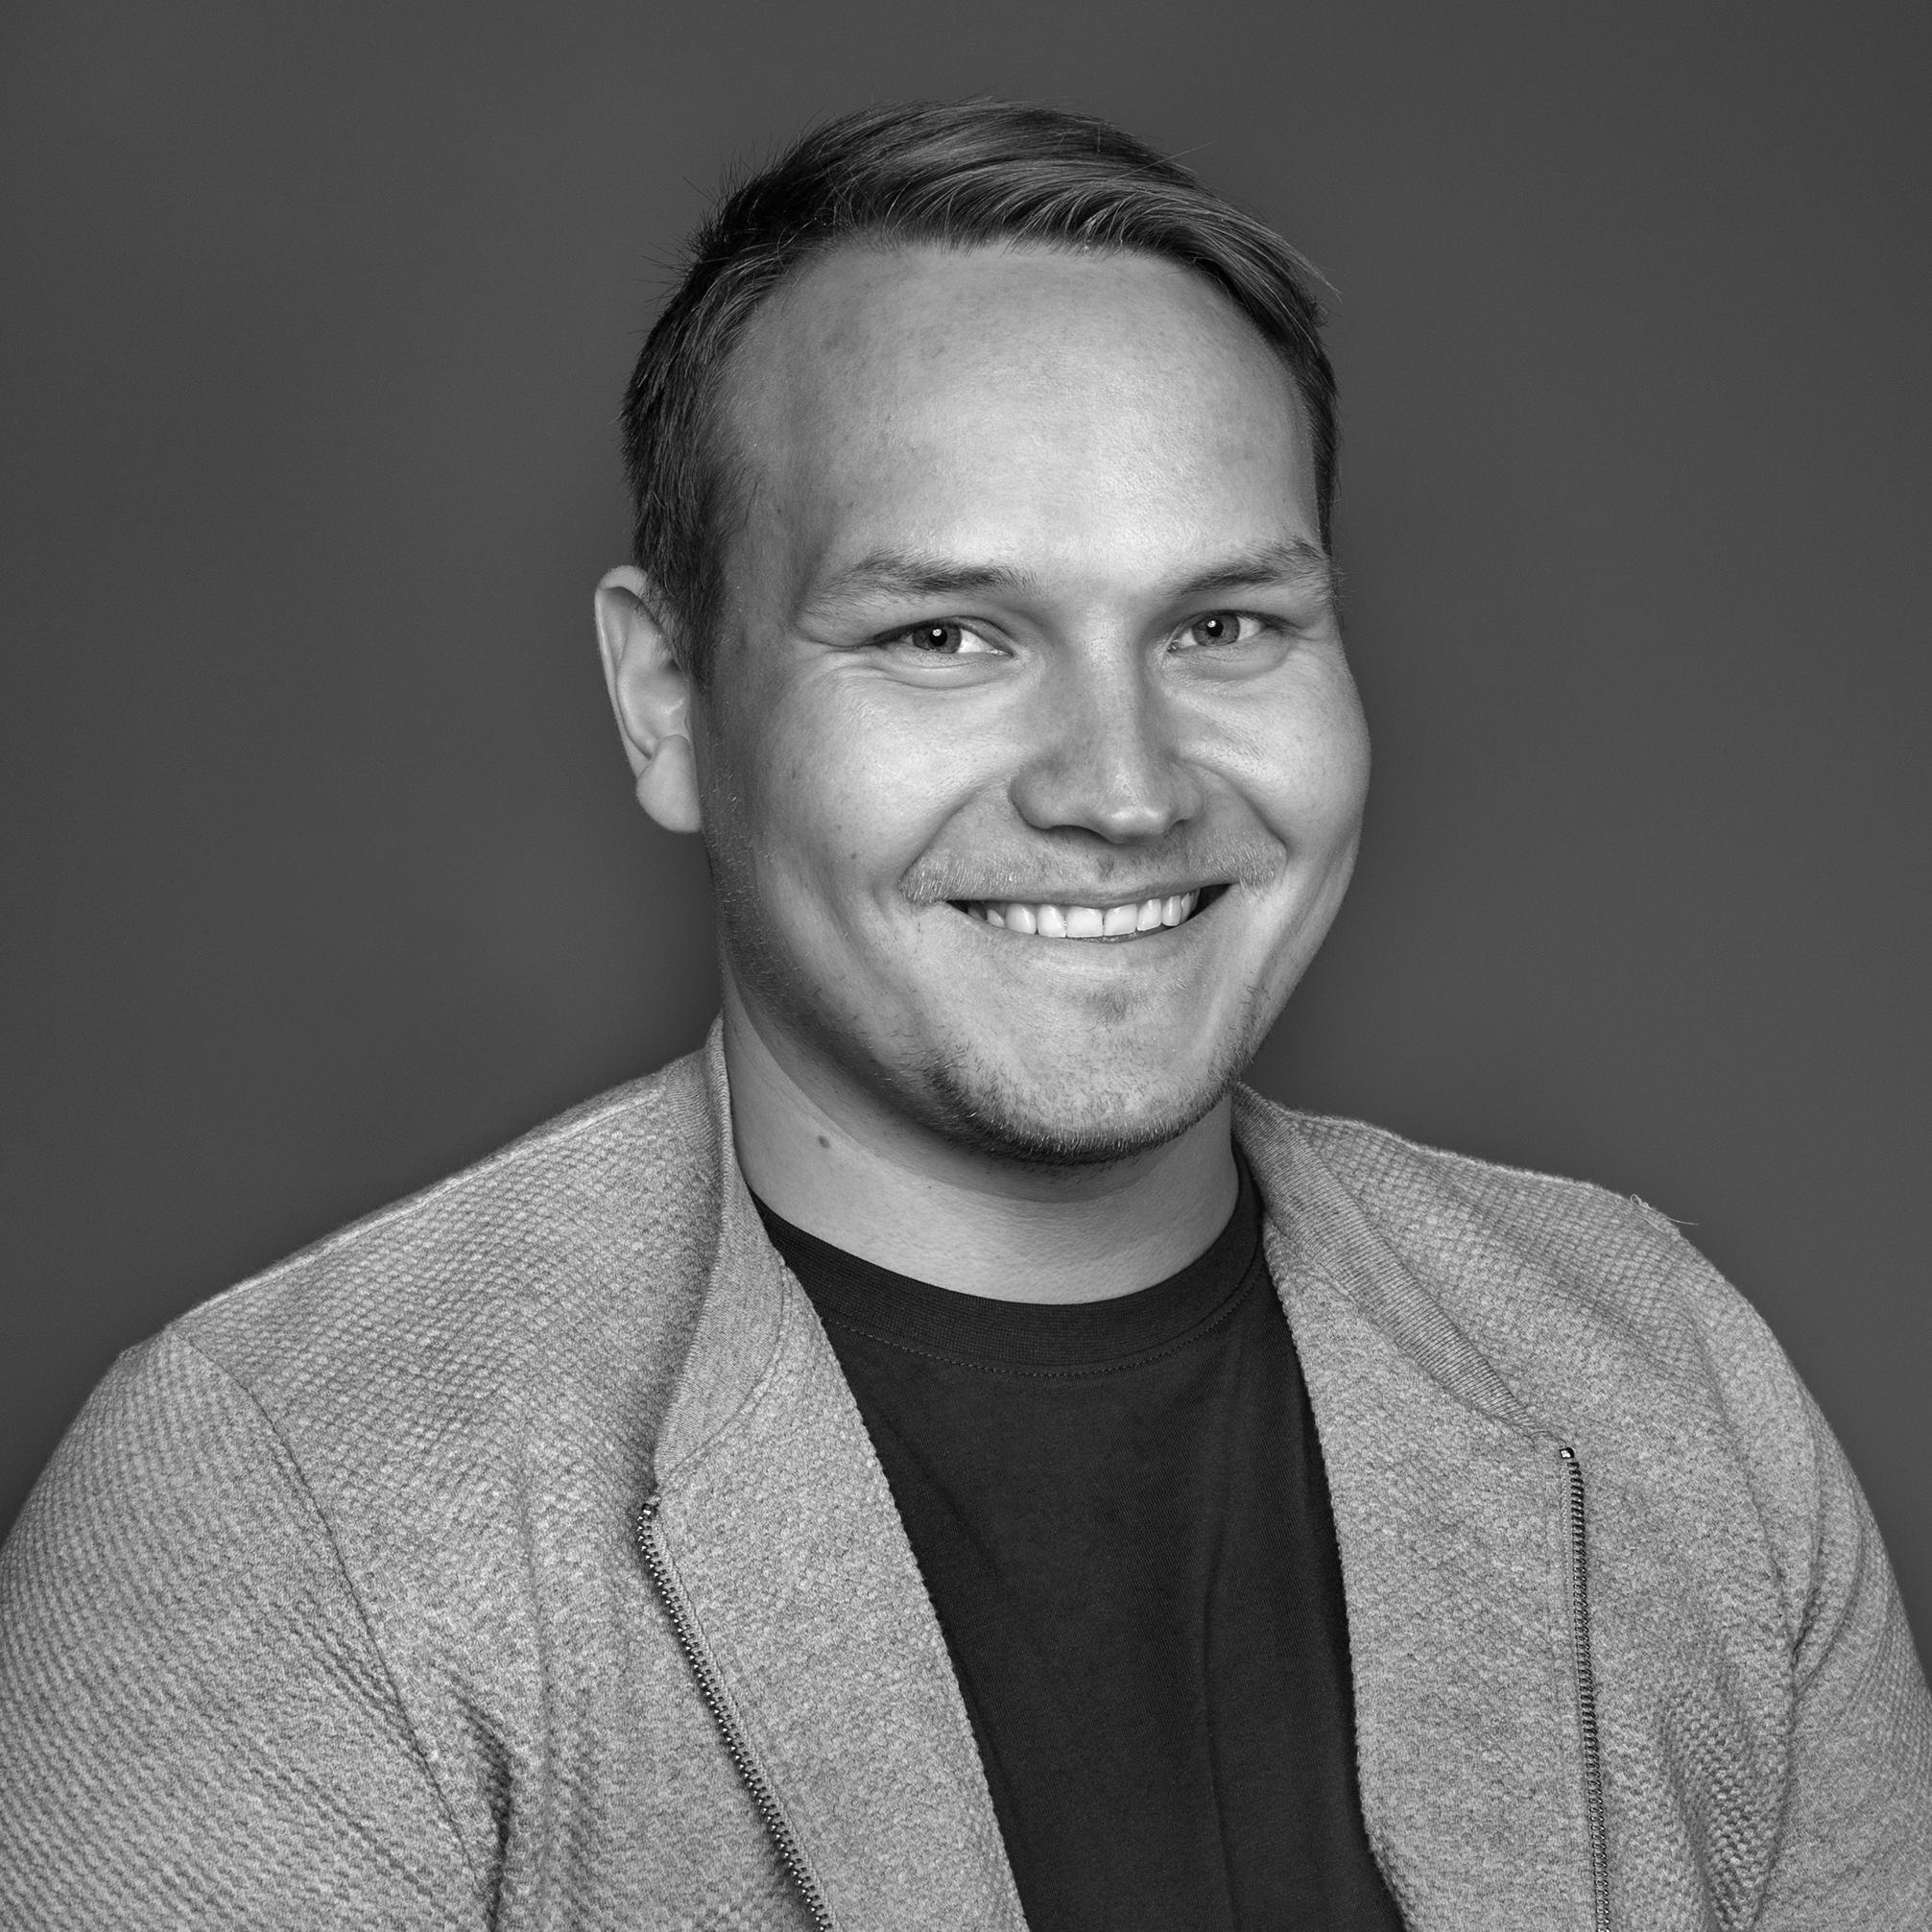 Magnus Nygaard